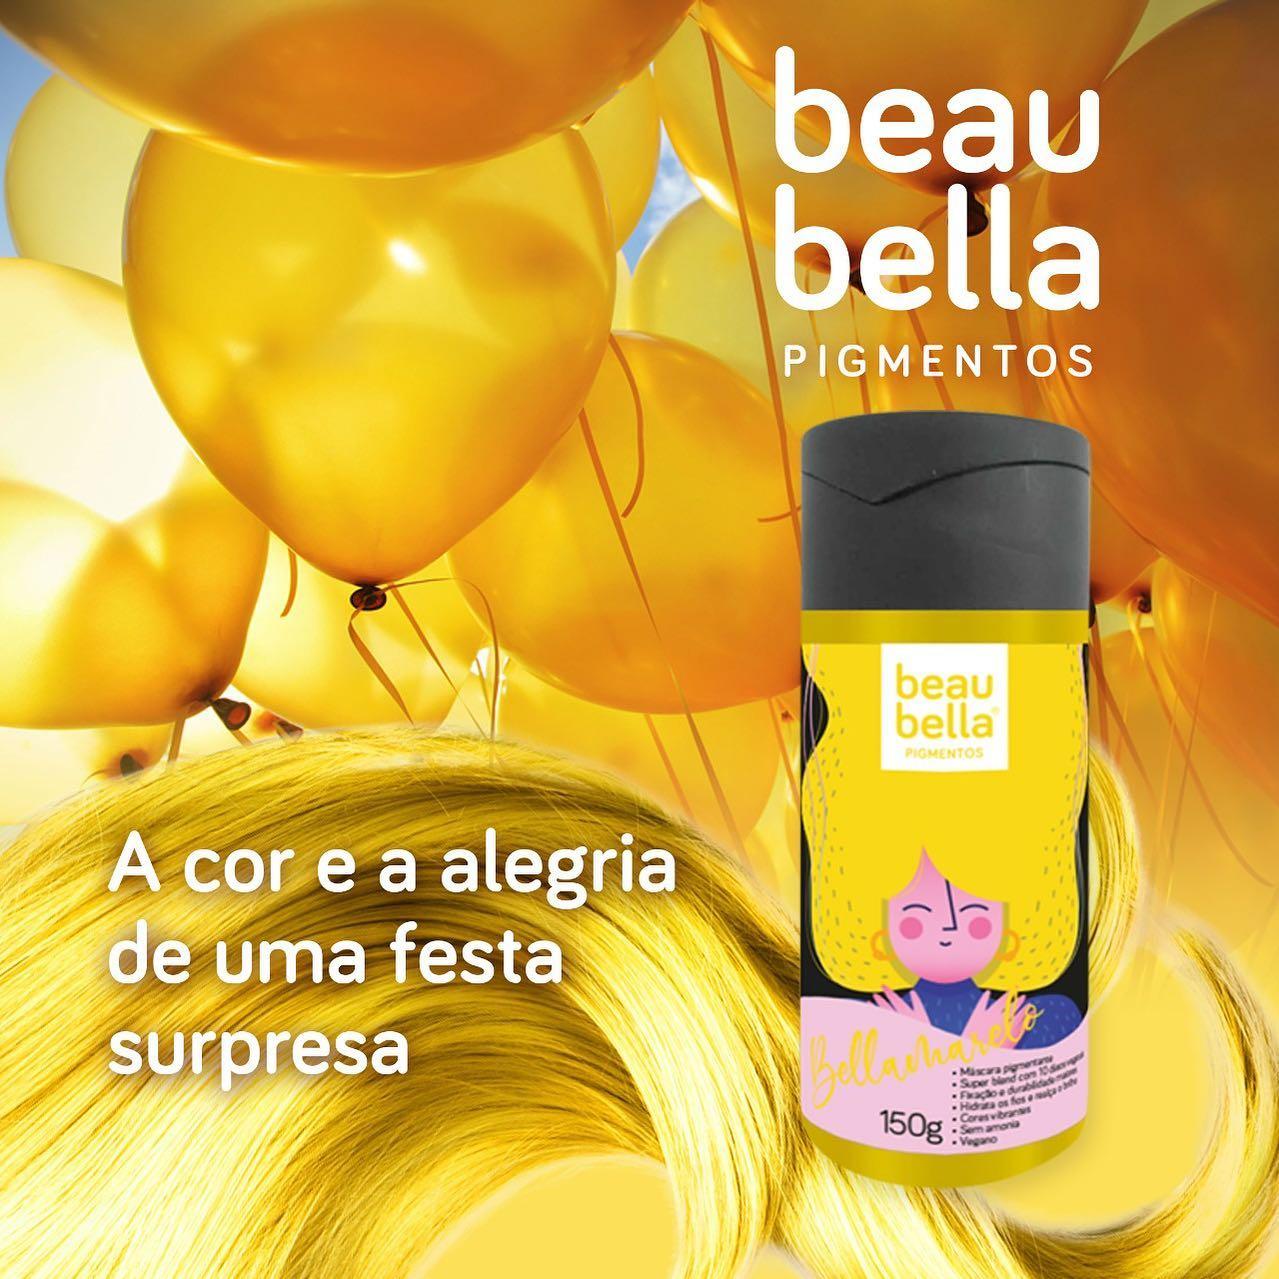 Máscara Pigmentante Beau Bella Bellamarelo - 150g